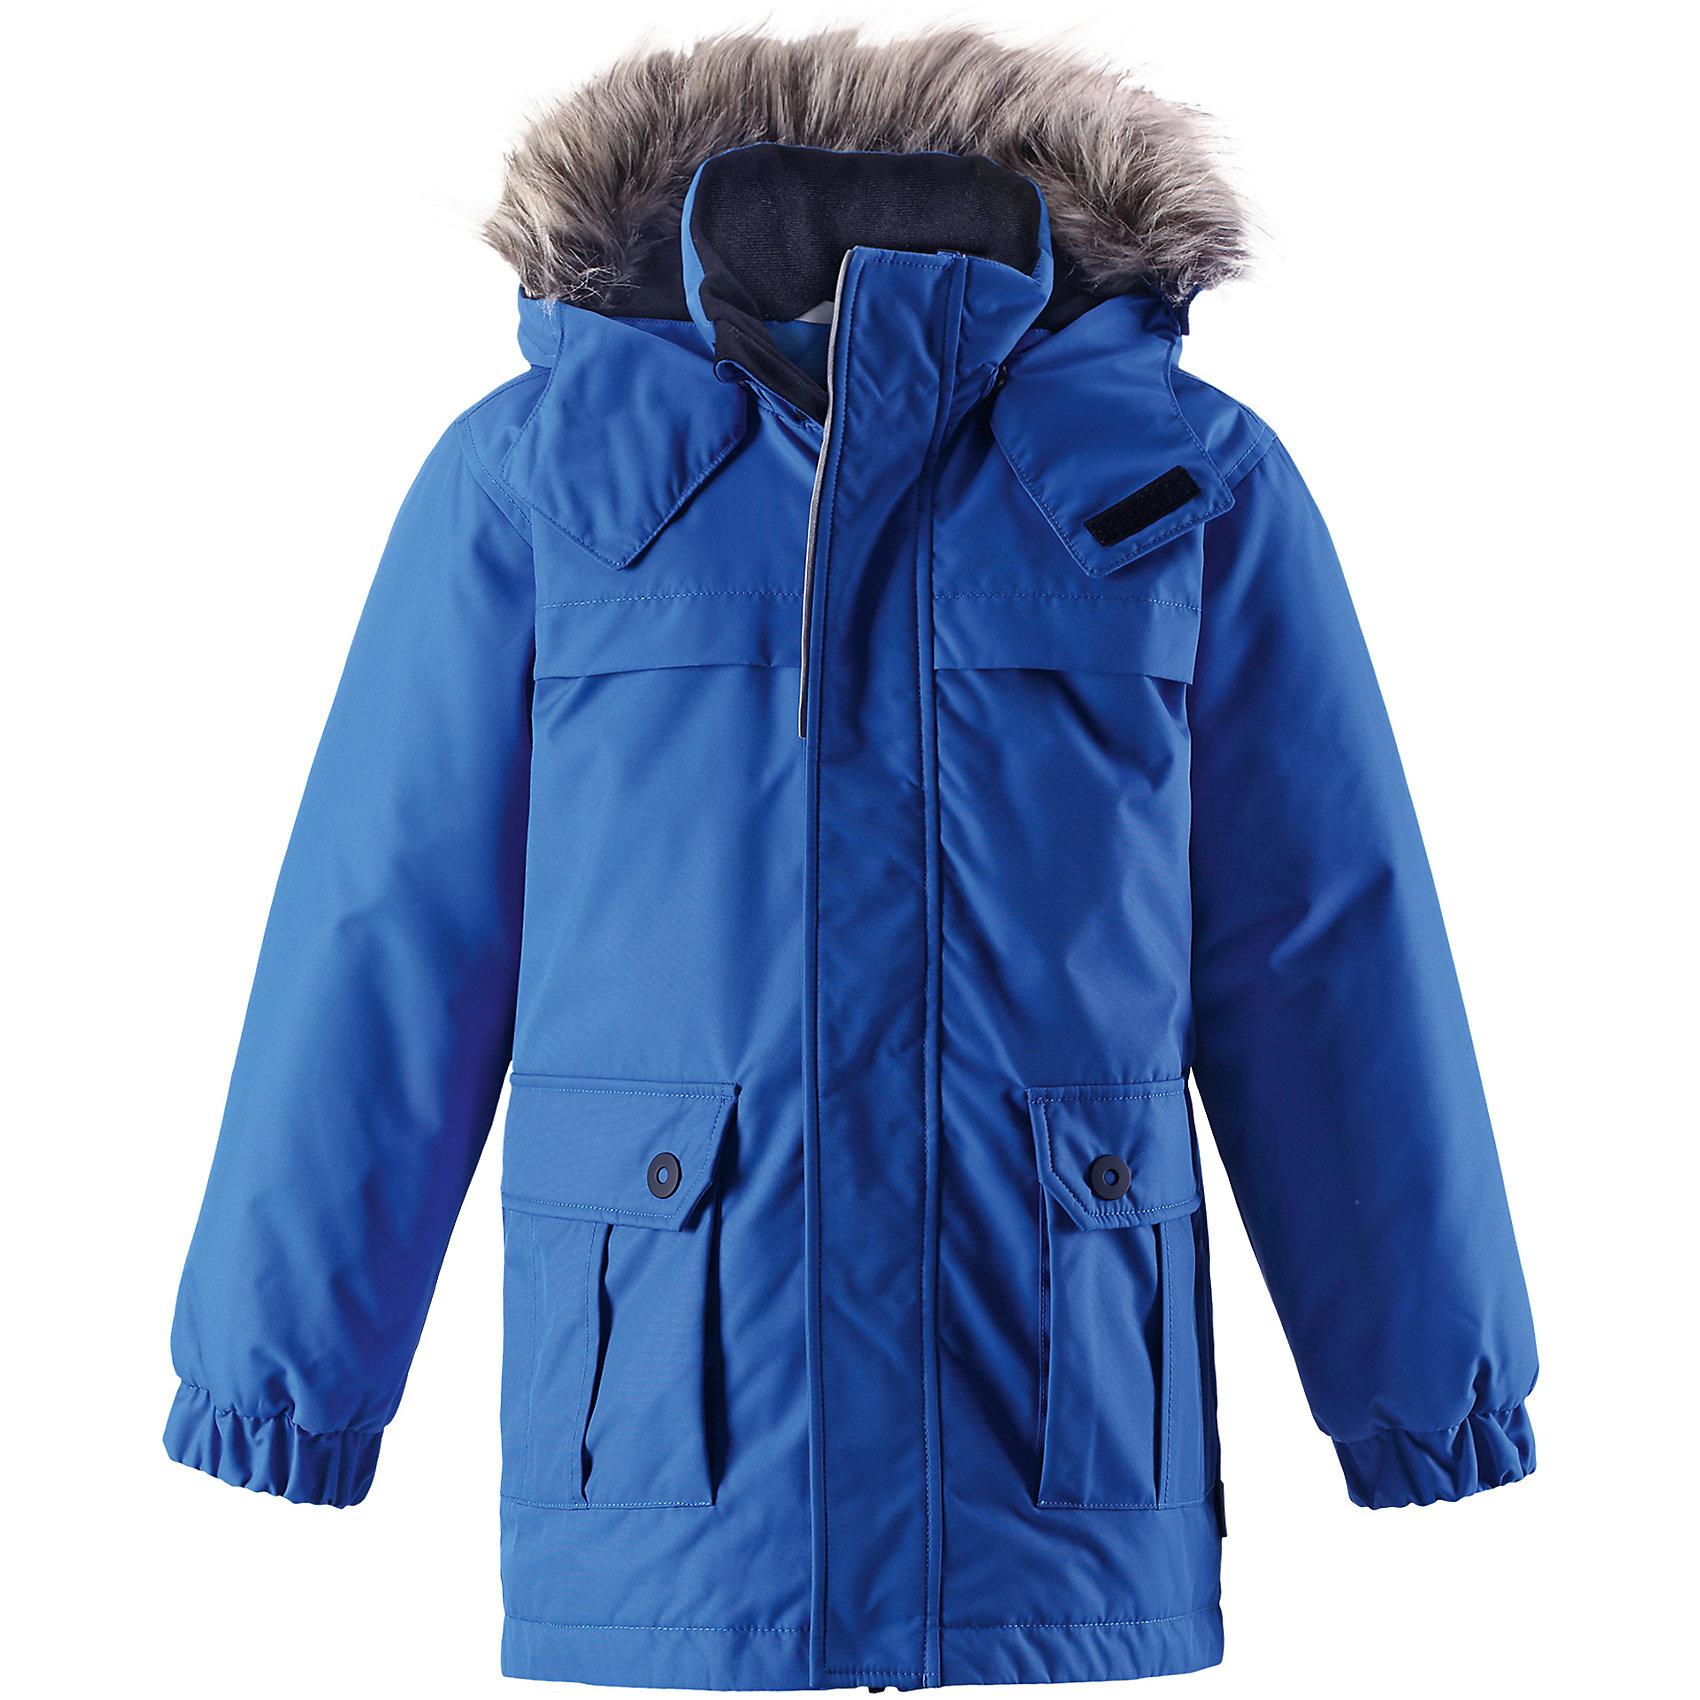 Куртка-парка Lassie для мальчикаОдежда<br>Характеристики товара:<br><br>• цвет: голубой;<br>• состав: 100% полиэстер, полиуретановое покрытие;<br>• подкладка: 100% полиэстер;<br>• утеплитель: 180 г/м2;<br>• сезон: зима;<br>• температурный режим: от 0 до -20С;<br>• водонепроницаемость: 1000 мм;<br>• воздухопроницаемость: 2000 мм;<br>• износостойкость: 20000 циклов (тест Мартиндейла);<br>• особенности: с мехом, парка;<br>• застежка: молния с дополнительной защитной планкой;<br>• водоотталкивающий, ветронепроницаемый и дышащий материал;<br>• гладкая подкладка из полиэстера;<br>• безопасный съемный капюшон; <br>• съемный искусственный мех на капюшоне;<br>• эластичные манжеты рукавов; <br>• карманы с клапанами;<br>• светоотражающие детали;<br>• страна бренда: Финляндия;<br>• страна изготовитель: Китай;<br><br>Эта повседневная, но очень стильная детская зимняя парка идеальна для снежных и морозных зимних дней! Удлиненная задняя часть обеспечивает дополнительное утепление, а отделка из искусственного меха защищает нежную детскую кожу от морозного ветра. Съемный капюшон безопасен во время игр на свежем воздухе. Большие карманы с клапанами сохранят ключи от дома и другие важные мелочи.<br><br>Куртку Lassie (Ласси) для мальчика можно купить в нашем интернет-магазине.<br><br>Ширина мм: 356<br>Глубина мм: 10<br>Высота мм: 245<br>Вес г: 519<br>Цвет: синий<br>Возраст от месяцев: 96<br>Возраст до месяцев: 108<br>Пол: Мужской<br>Возраст: Детский<br>Размер: 134,128,122,116,110,104,98,92,140<br>SKU: 6927561